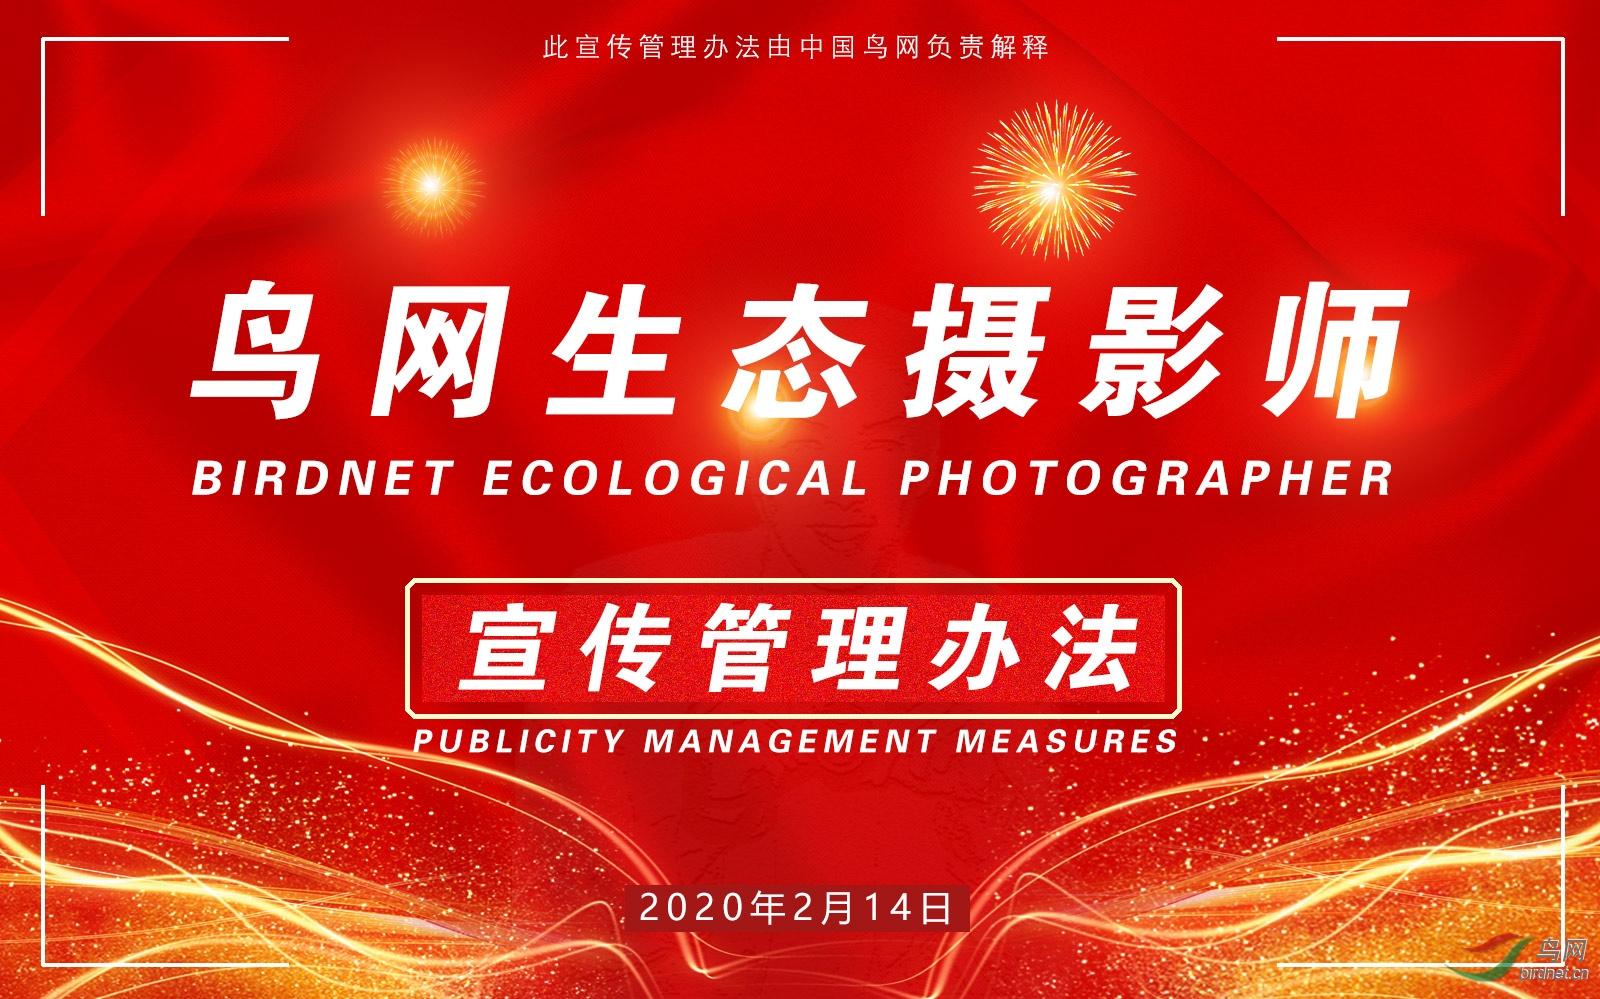 鸟网生态摄影师管理办法.jpg